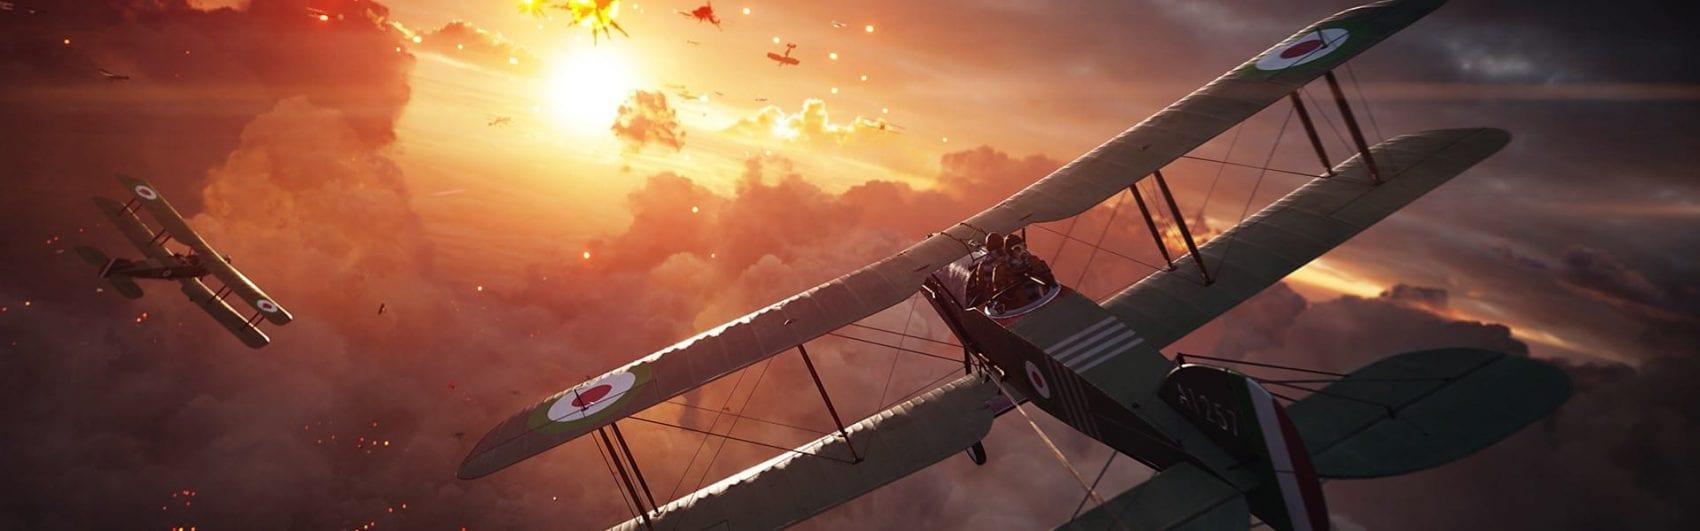 Battlefield News My Geek Actu Série TV Avion